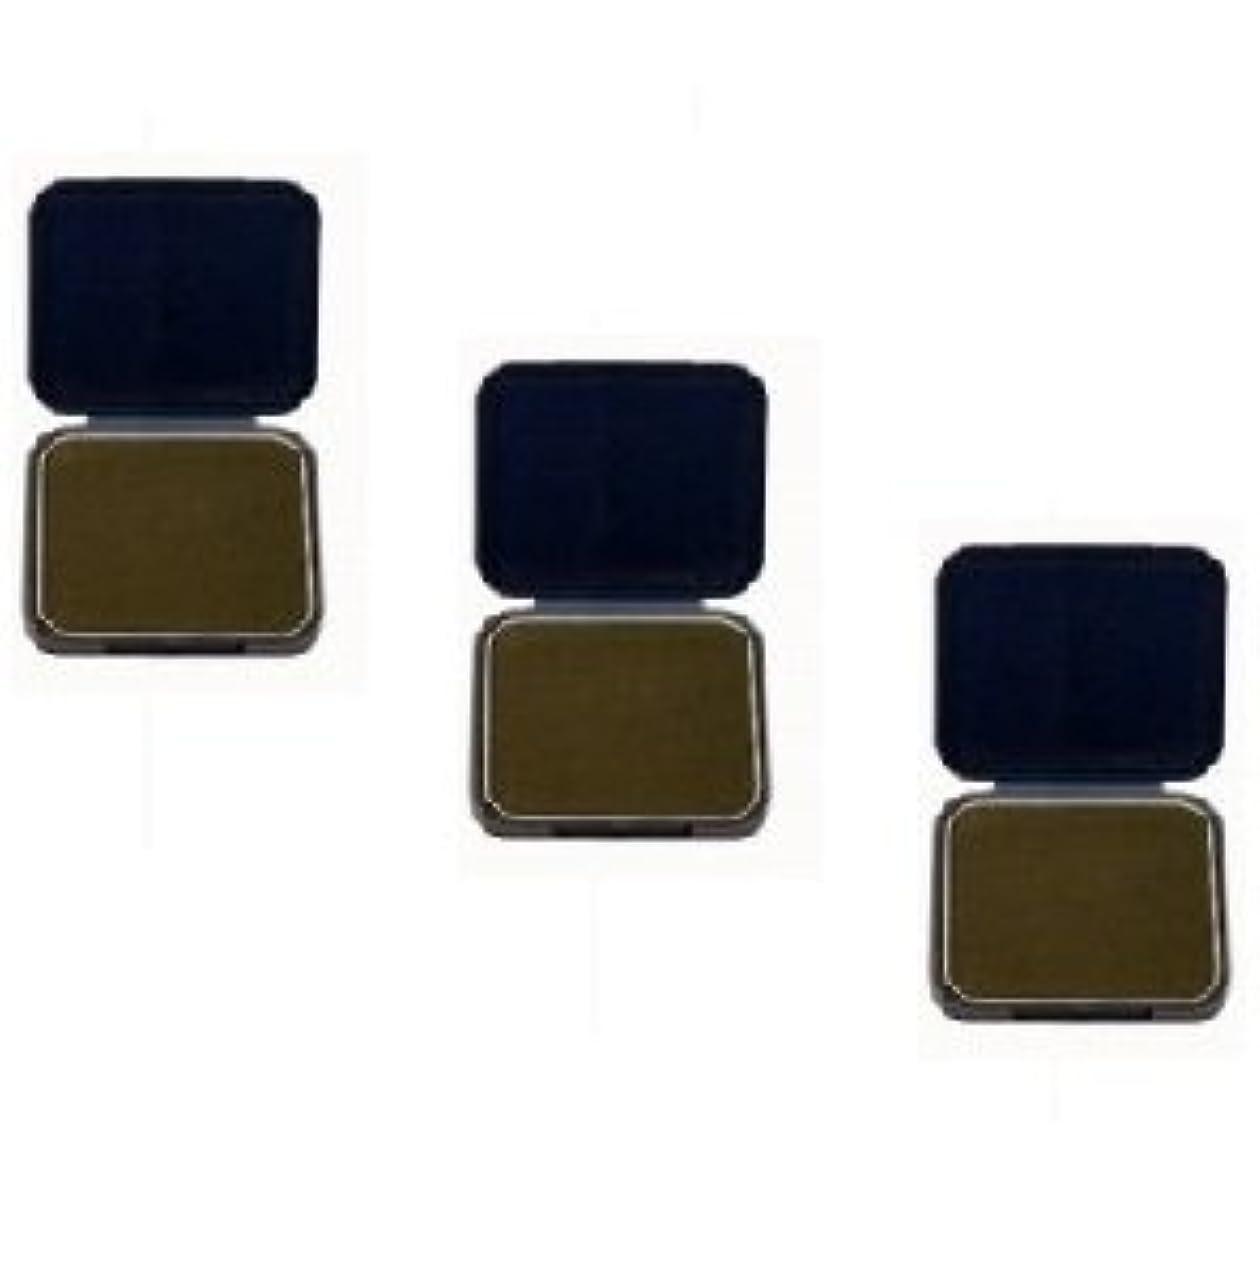 寂しい発疹エッセンス【3個セット】 アモロス 黒彩 ヘアファンデーション 13g 栗 詰替え用レフィル